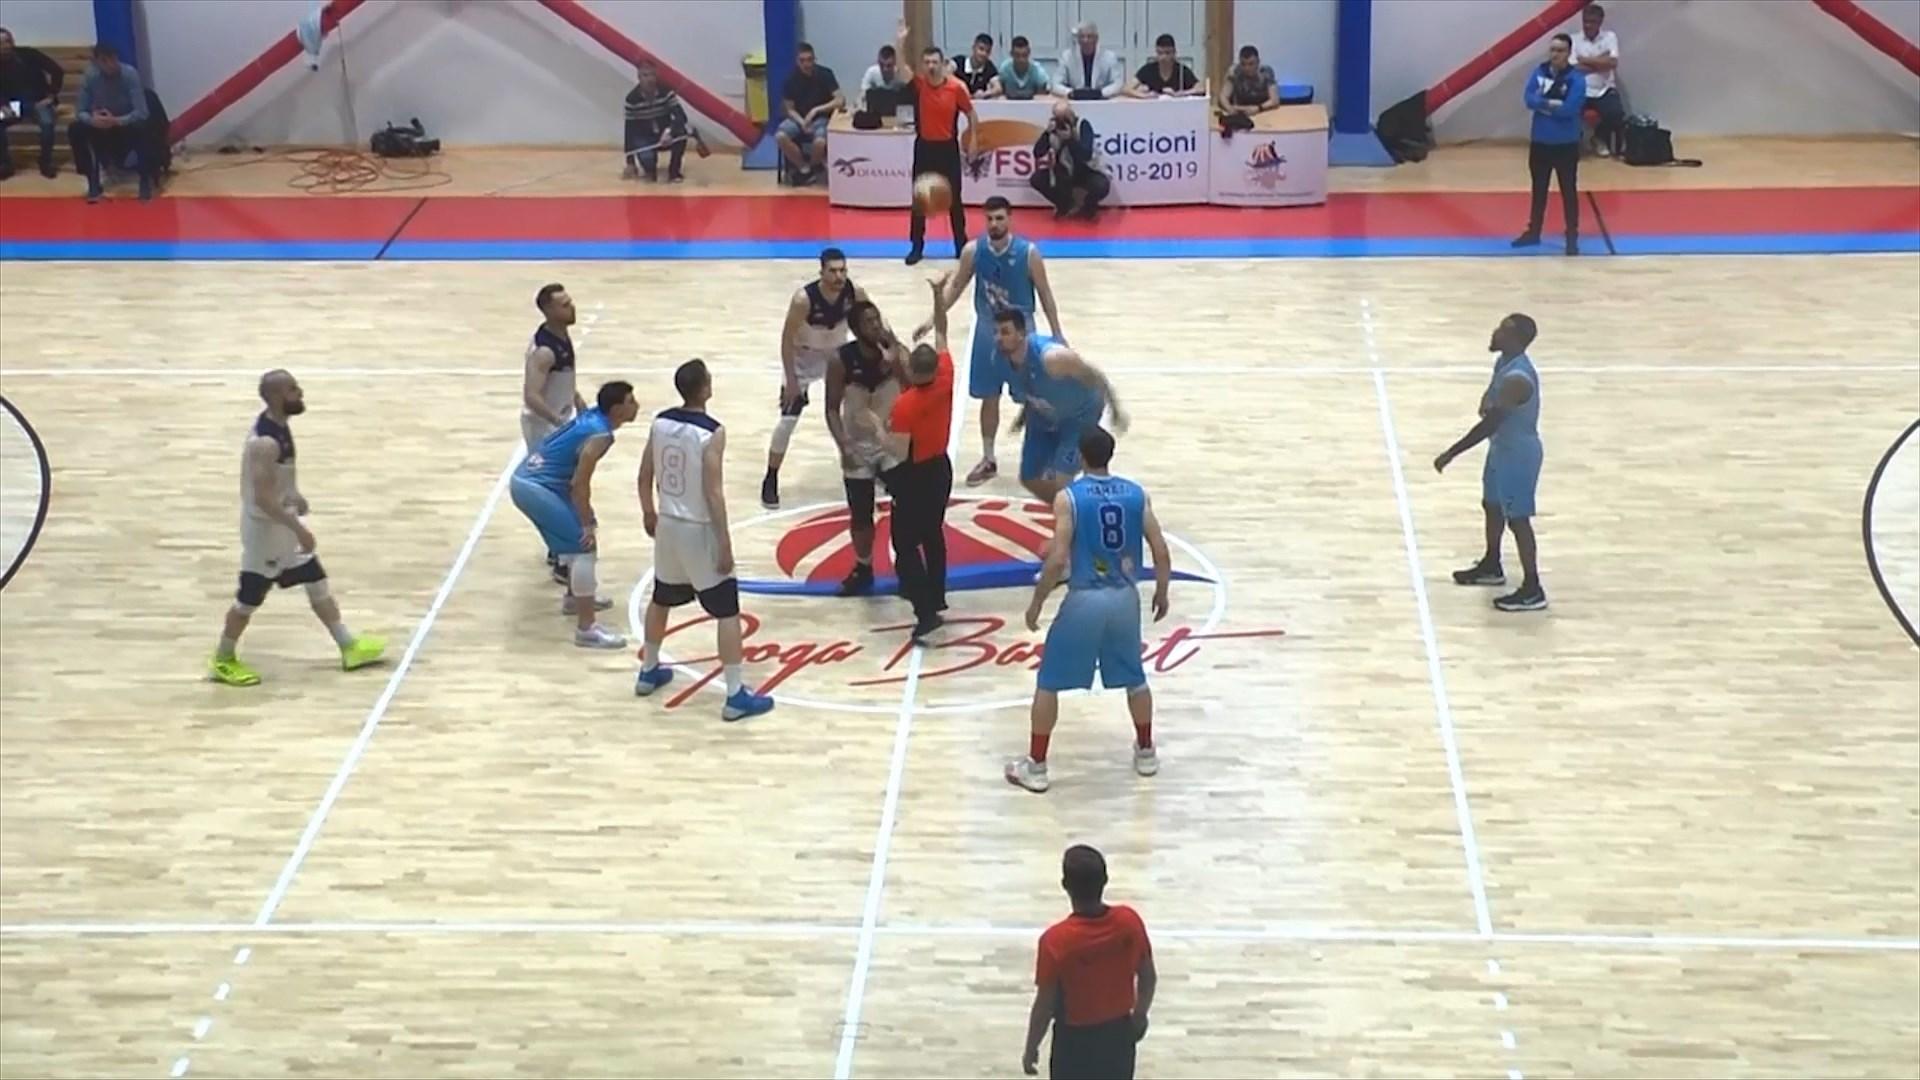 Goga Basket, kampione e Shqipërisë në Basketboll për meshkuj